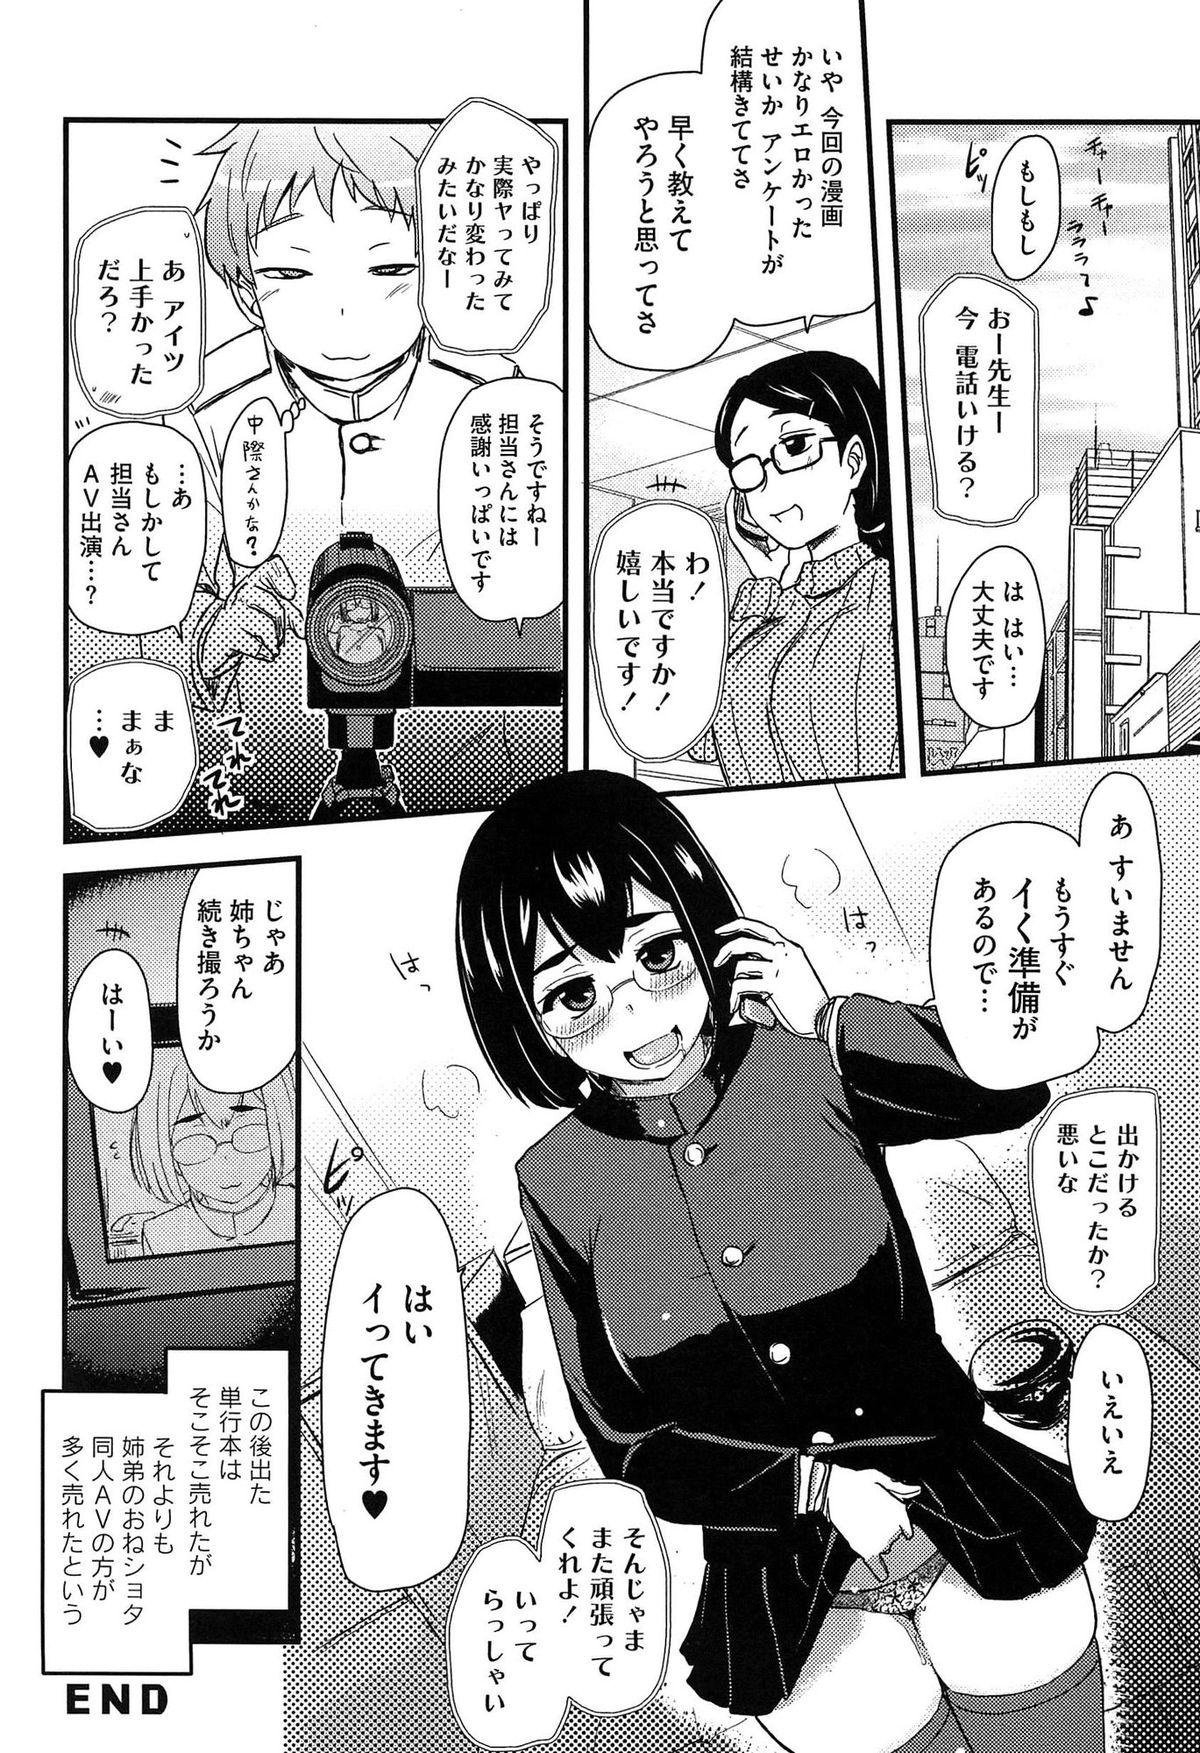 Hotondo no Ane wa H ga Shitai 26